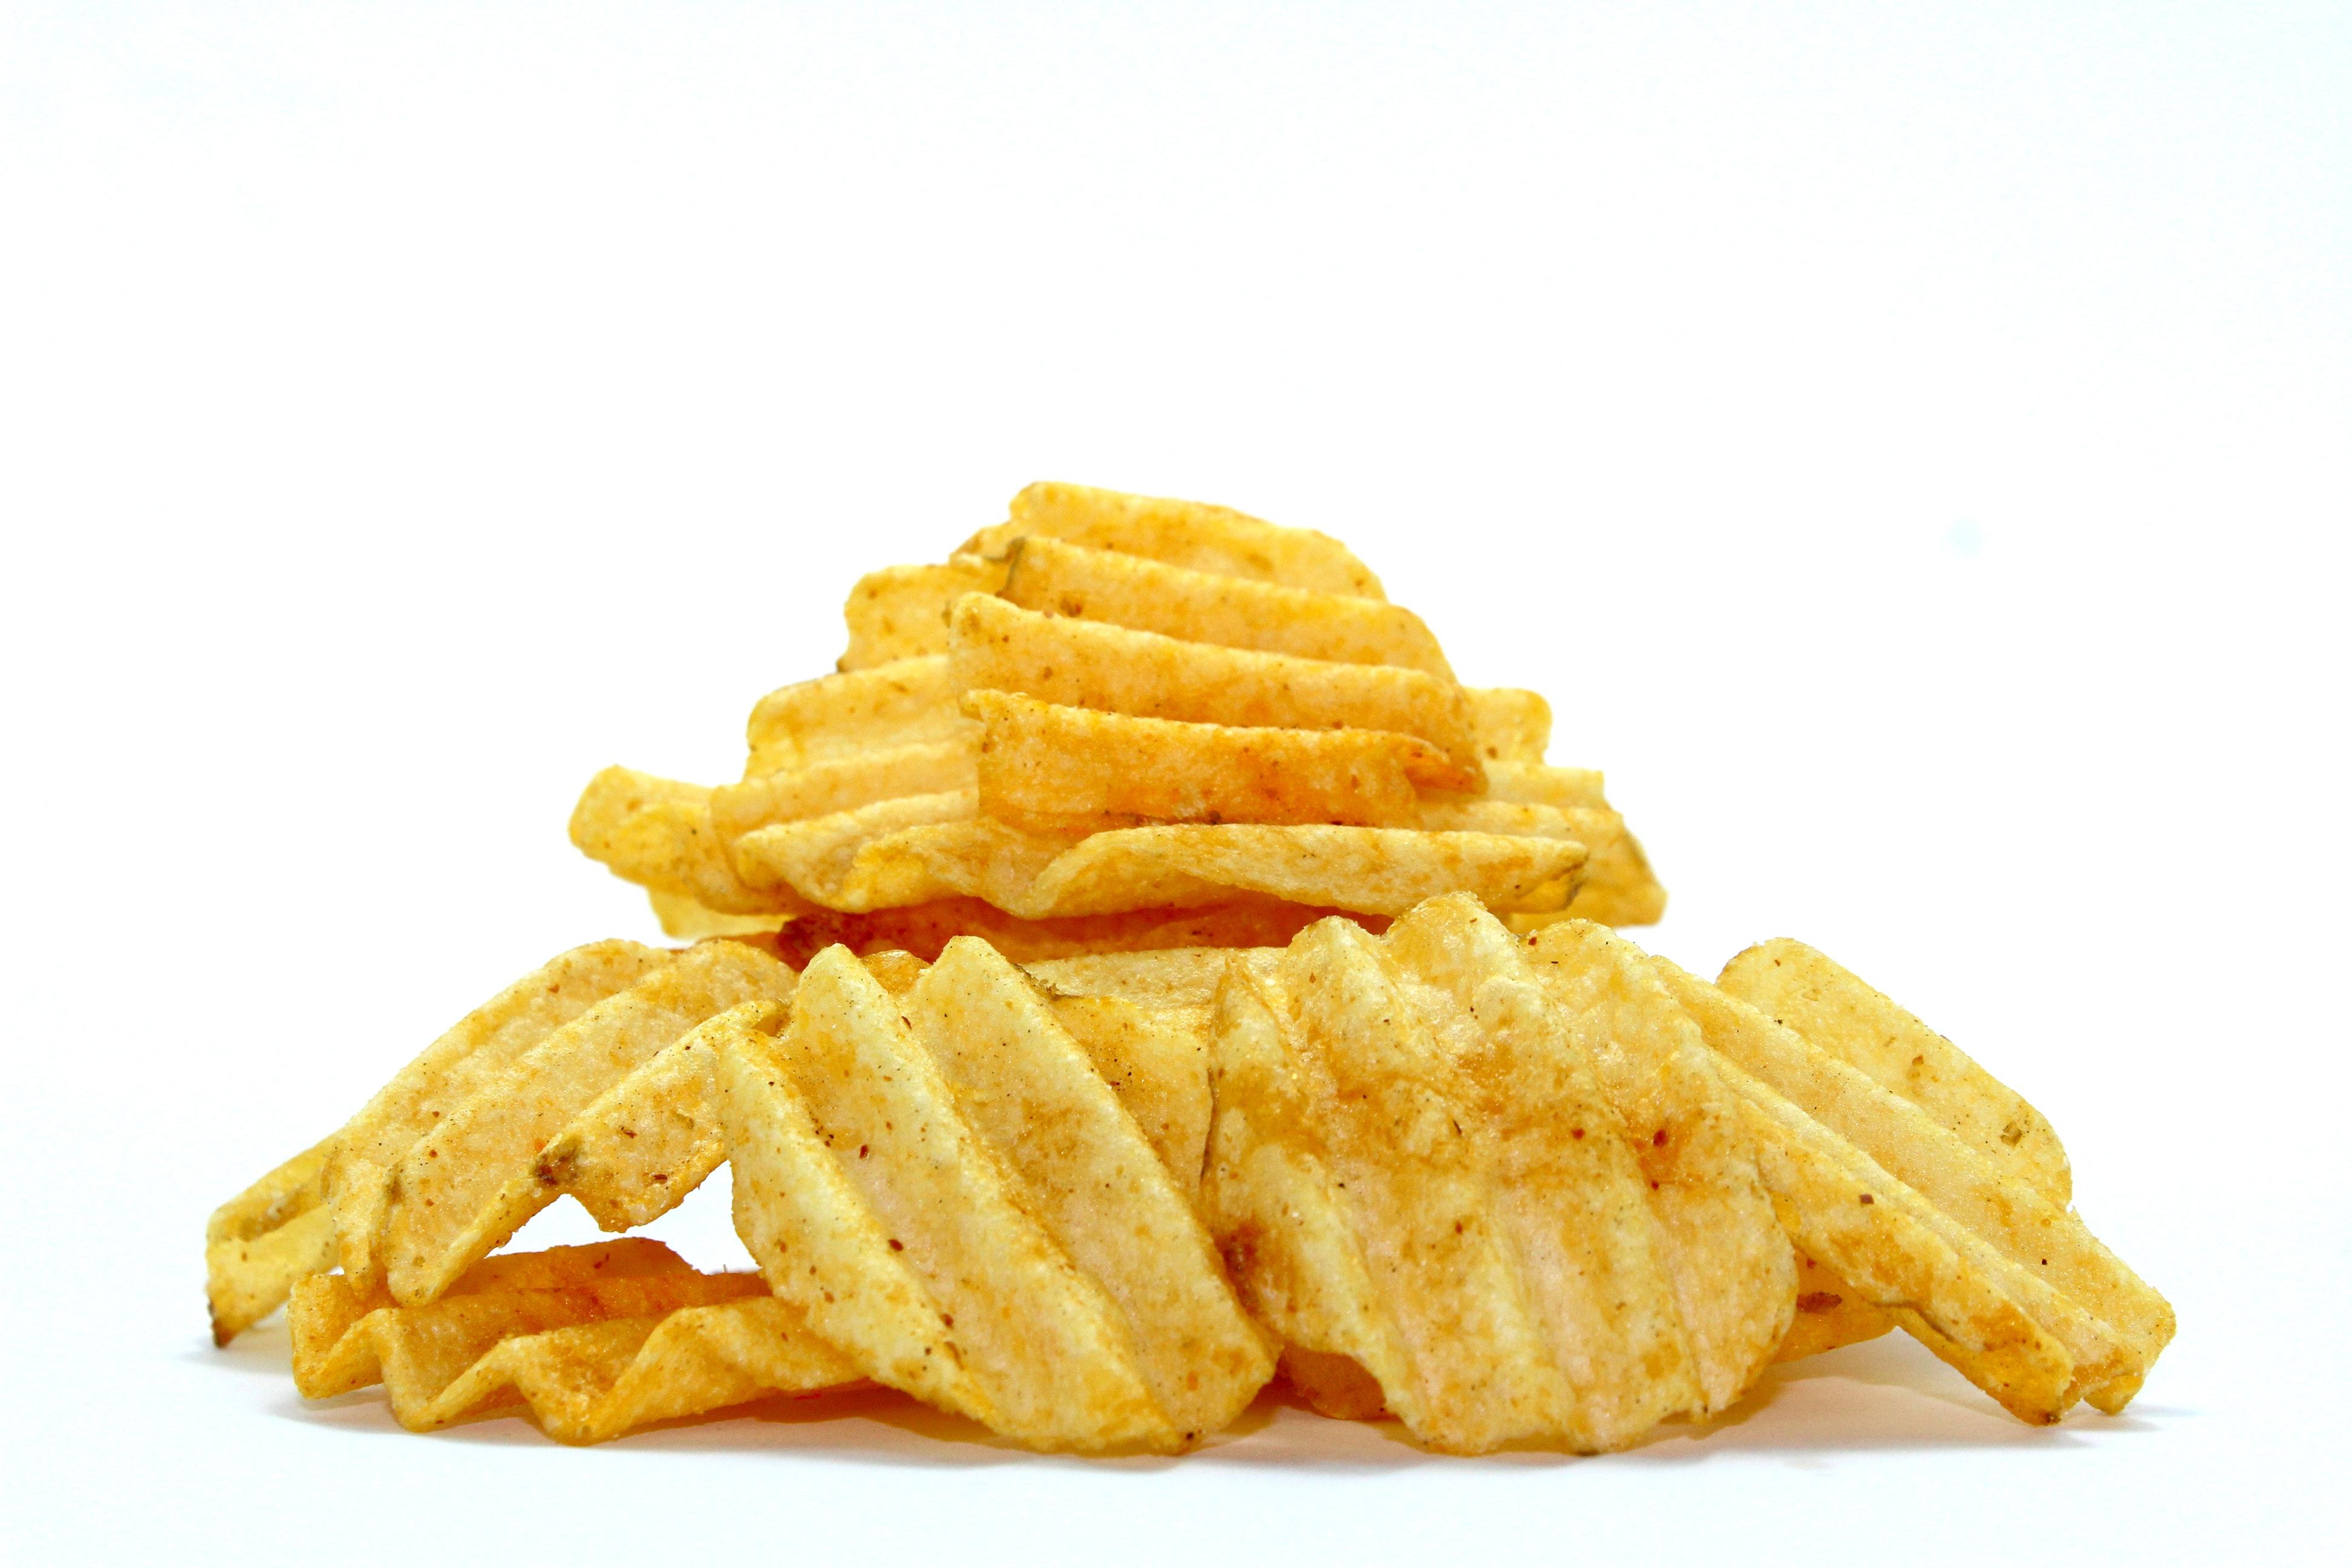 En las cenas saludables debemos prescindir de patatas fritas y snacks poco saludables